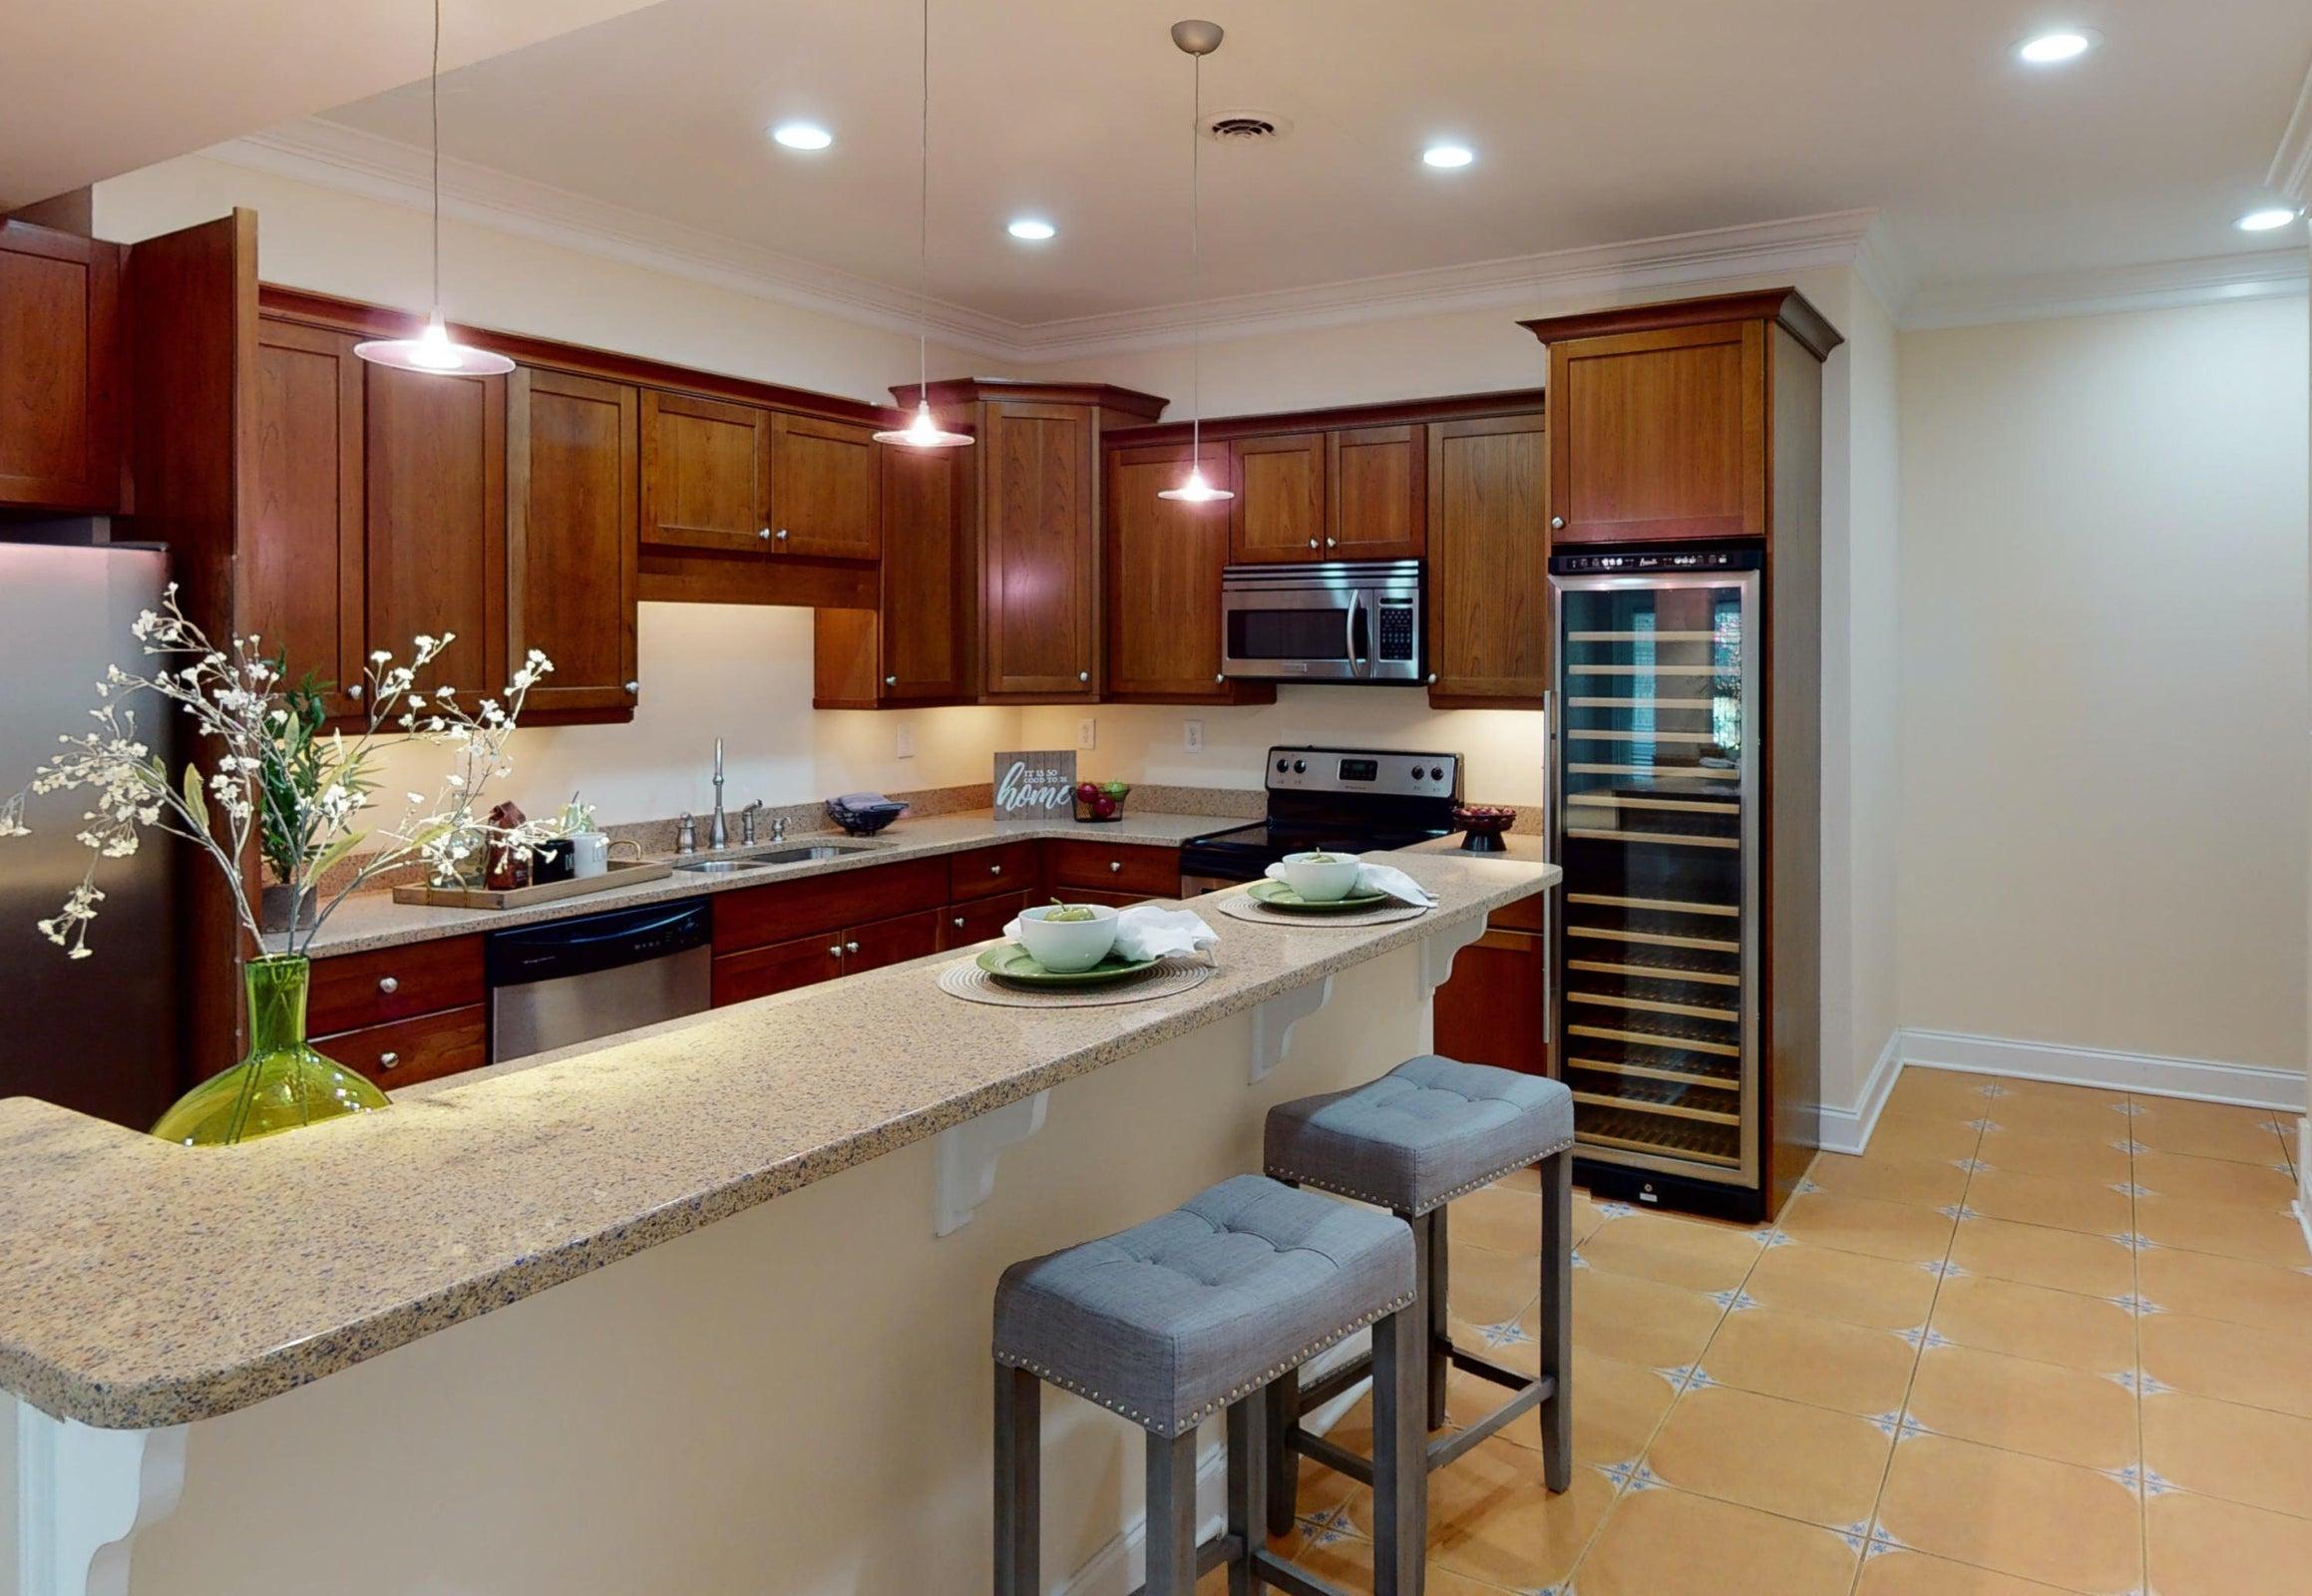 3819-Shipwatch-Downstairs Kitchen 2